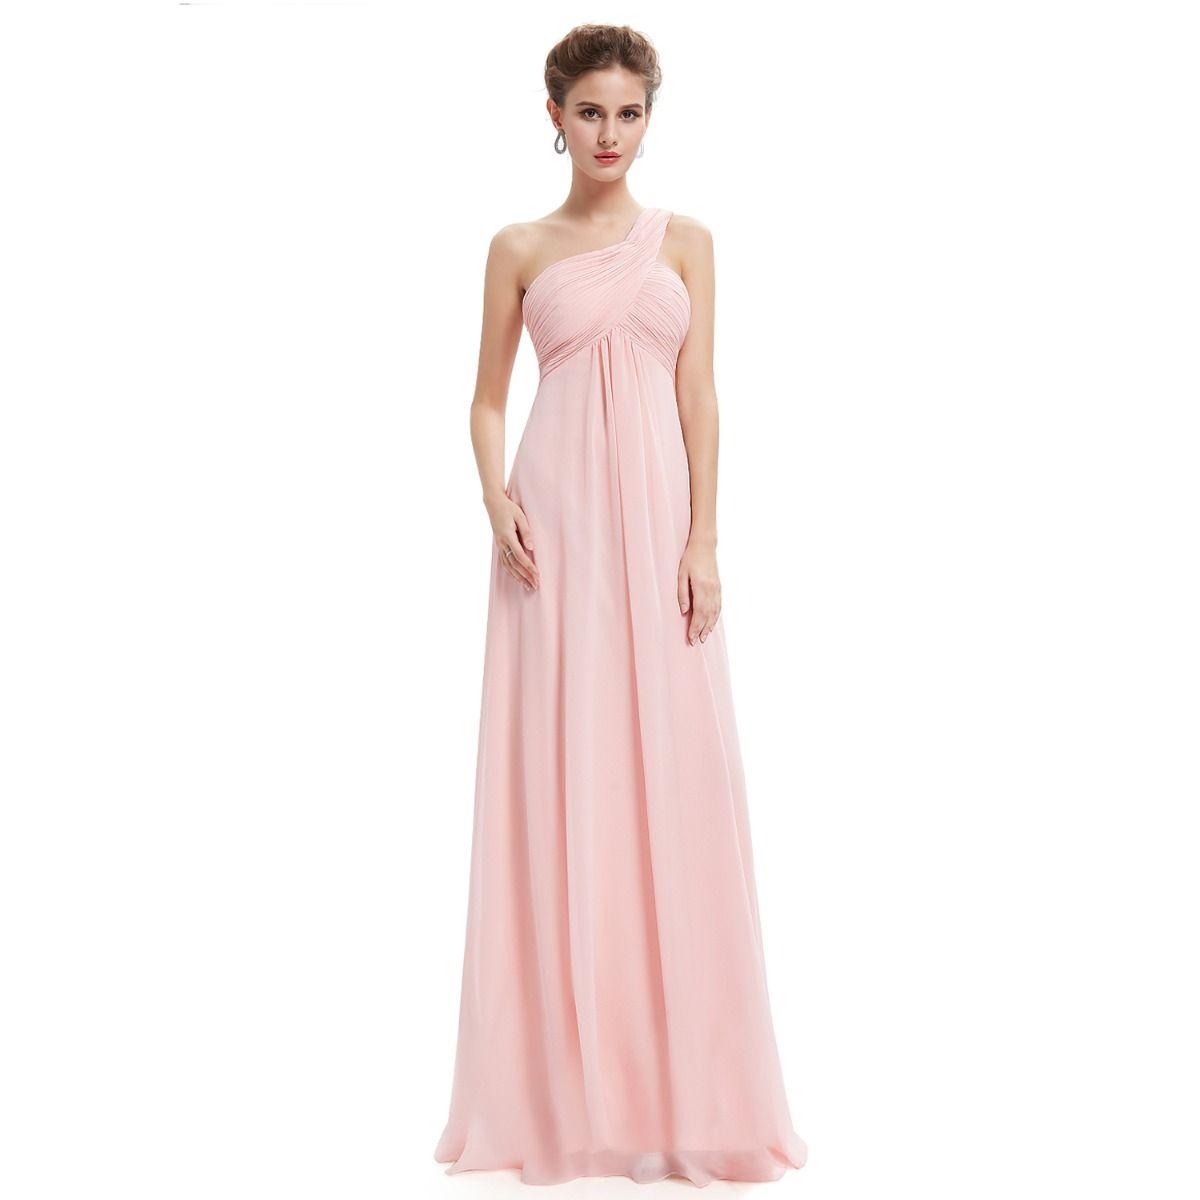 Proste / Simple Szyfon Sukienki Dla Druhen 2019 Imperium Jedno Ramię Bez Rękawów Długie Wzburzyć Bez Pleców Sukienki Na Wesele